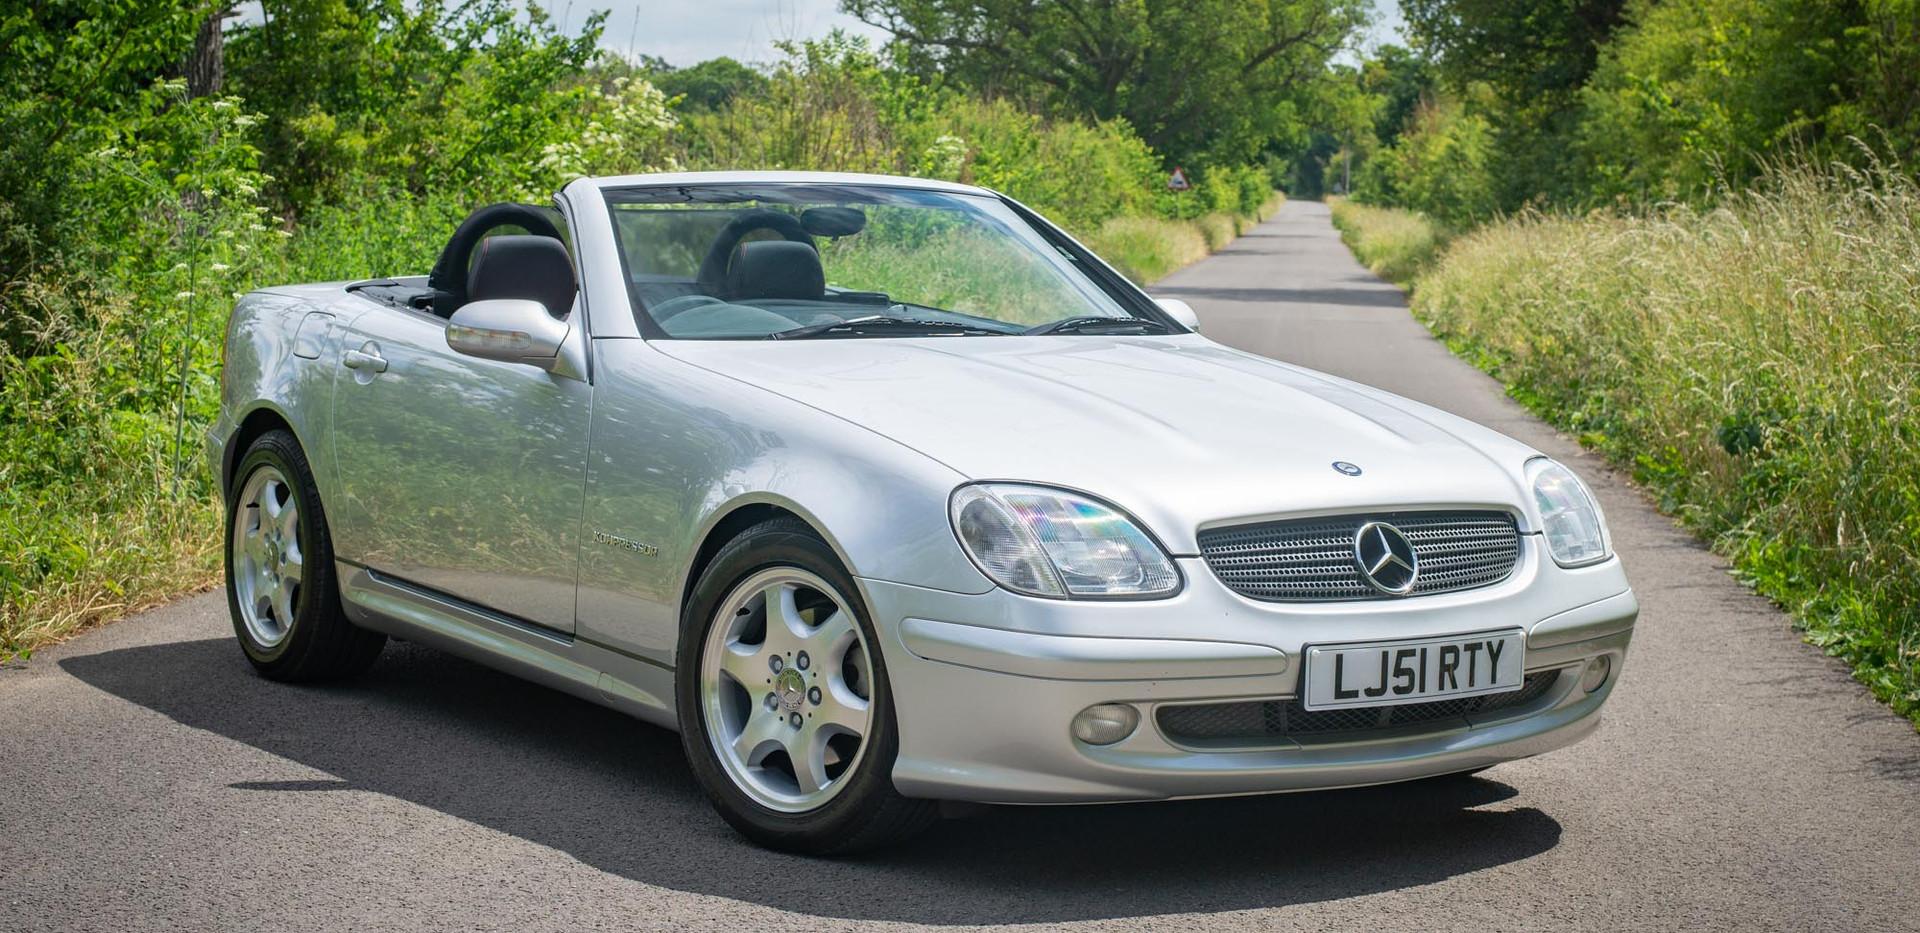 R170 SLK 230 Silver LJ51 RTY For sale-17